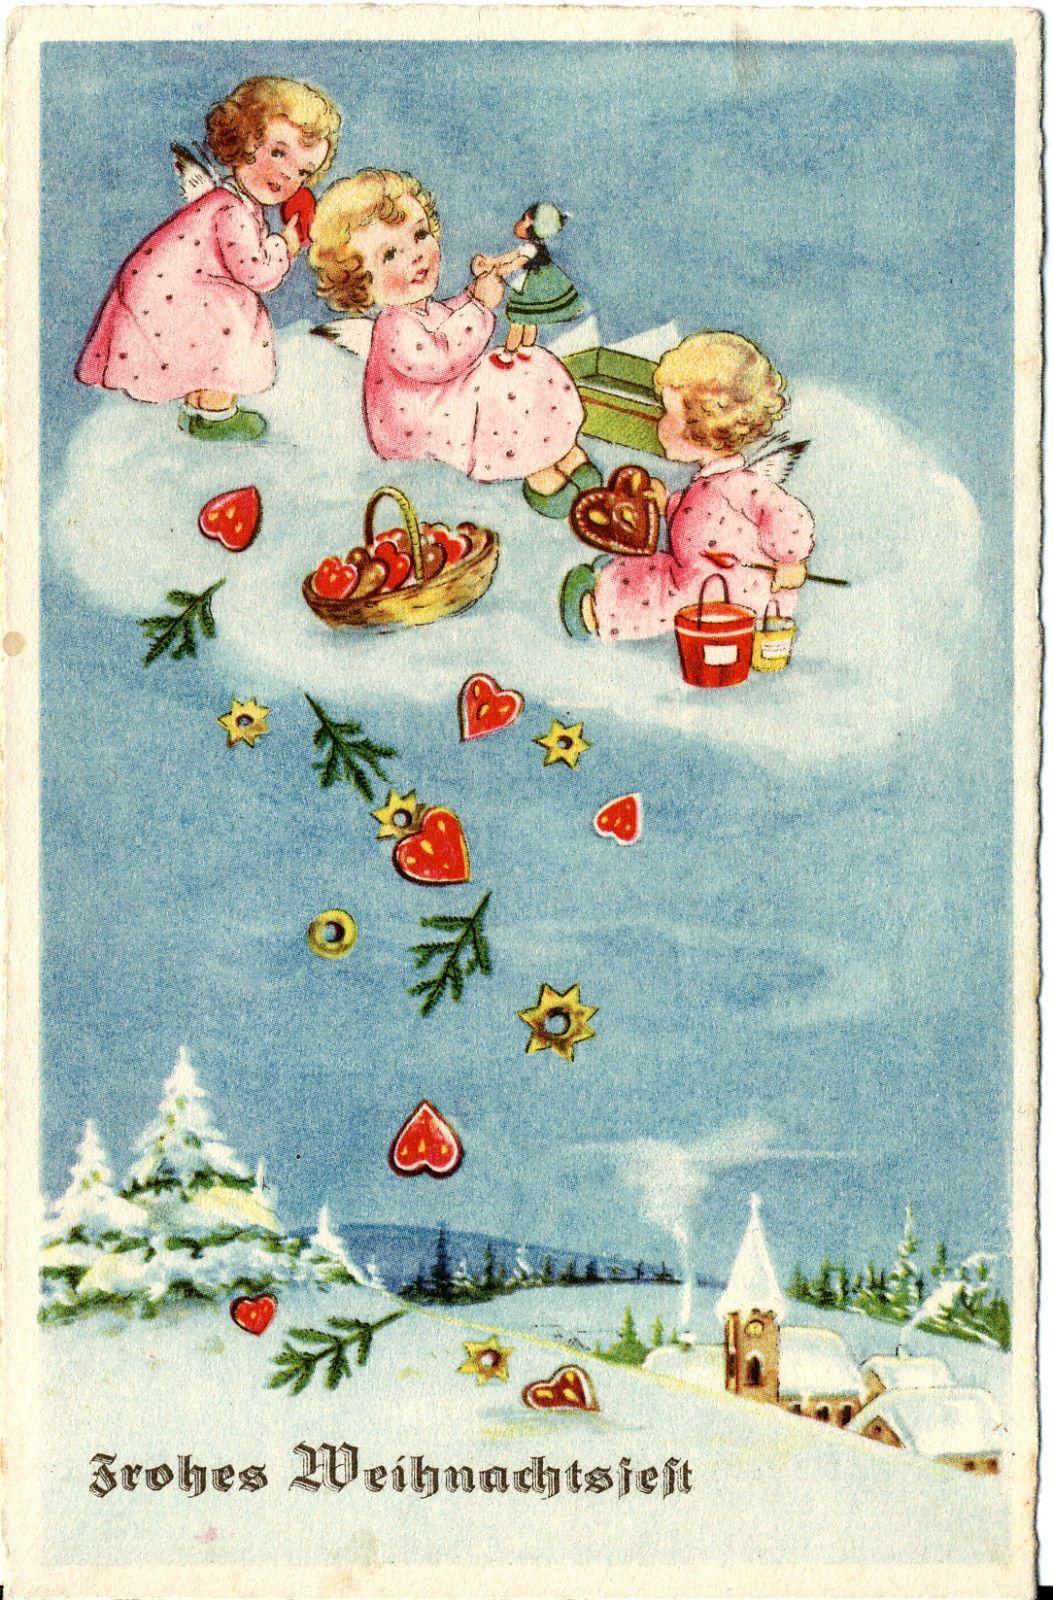 E Cards Weihnachten.Weihnachten Kleine Engelchen Auf Der Wolke Lebkuchen Puppe 1940